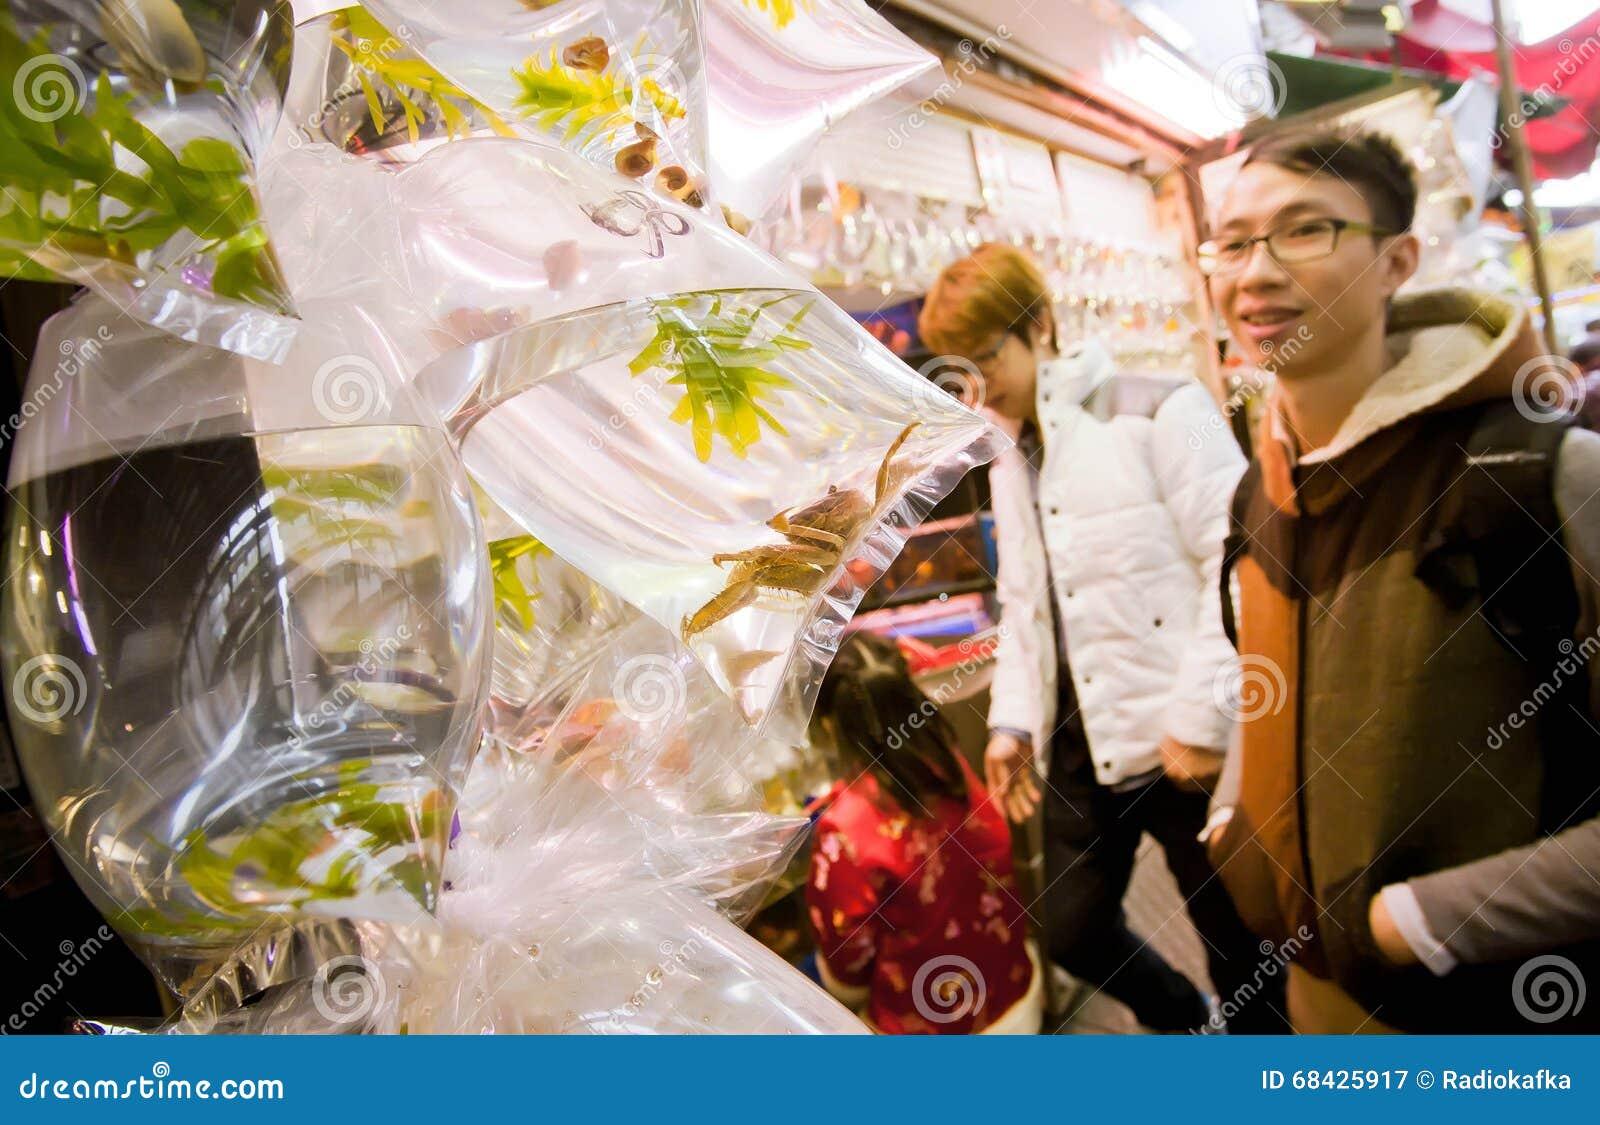 Młody człowiek patrzeje dla kraby w małych plastikowych workach